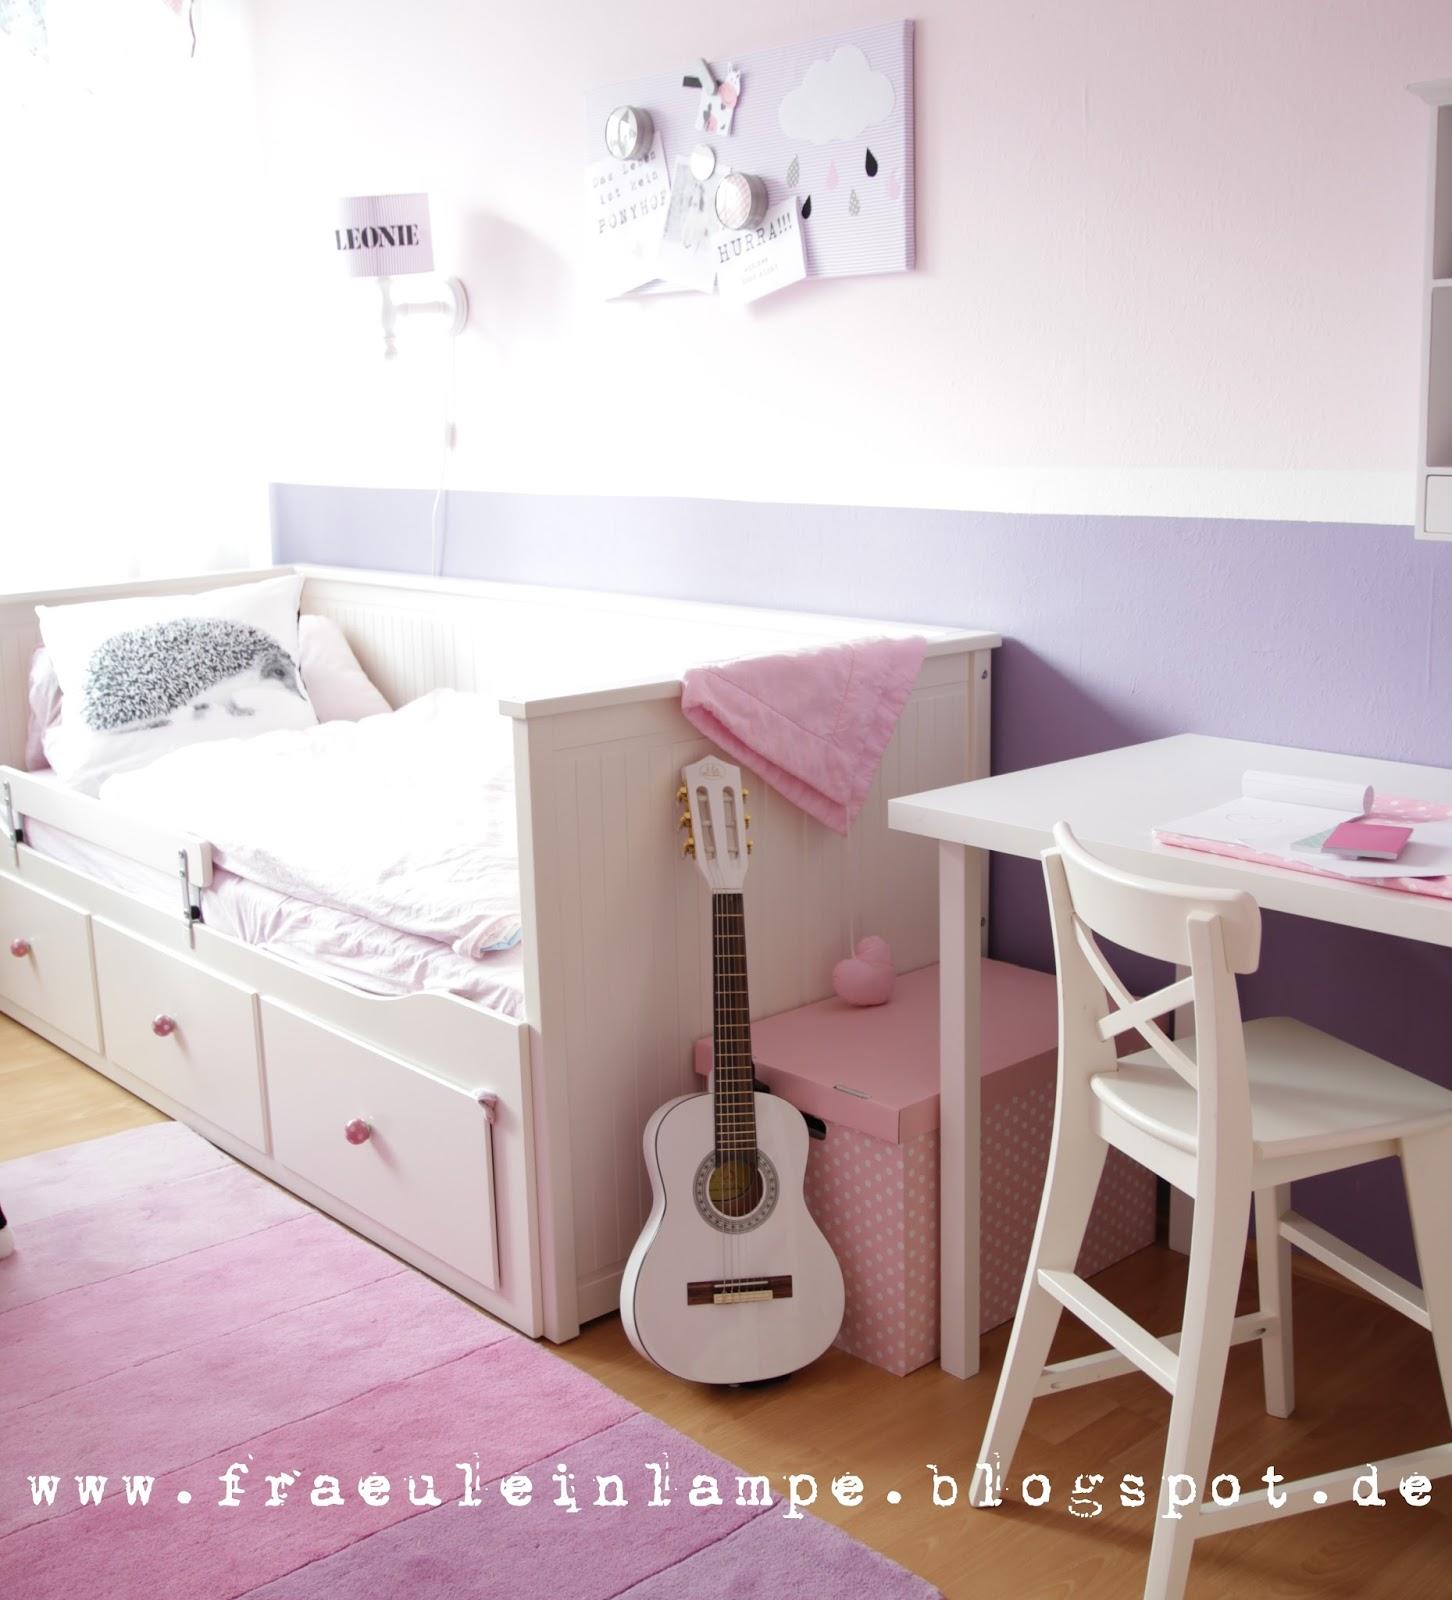 lampe kinderzimmer junge kinderzimmer deckenleuchte flugzeug lampe junge 33 luxus bild von. Black Bedroom Furniture Sets. Home Design Ideas